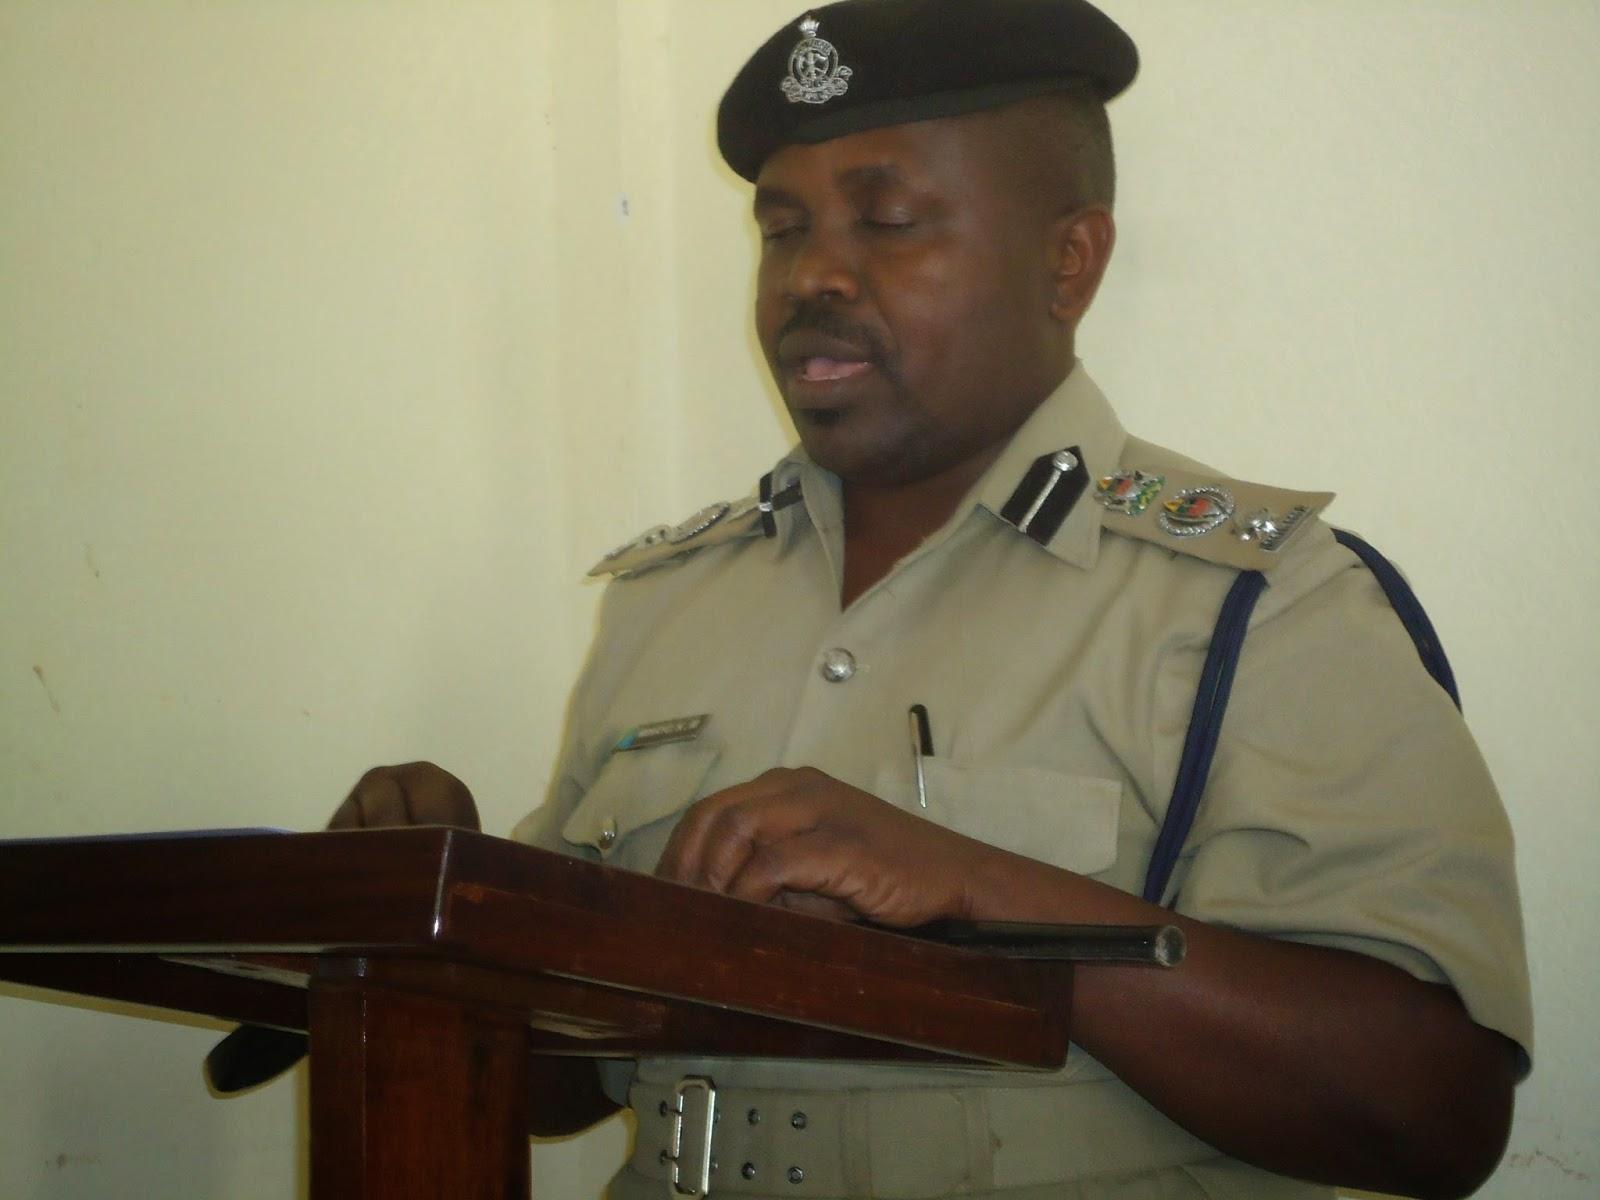 http://3.bp.blogspot.com/-UWnAfctEX7Y/U-HGx6CZ-ZI/AAAAAAAAJYA/b_3s2uYgQRU/s1600/KAMANDA+WA+POLICE+RUVUMA.JPG